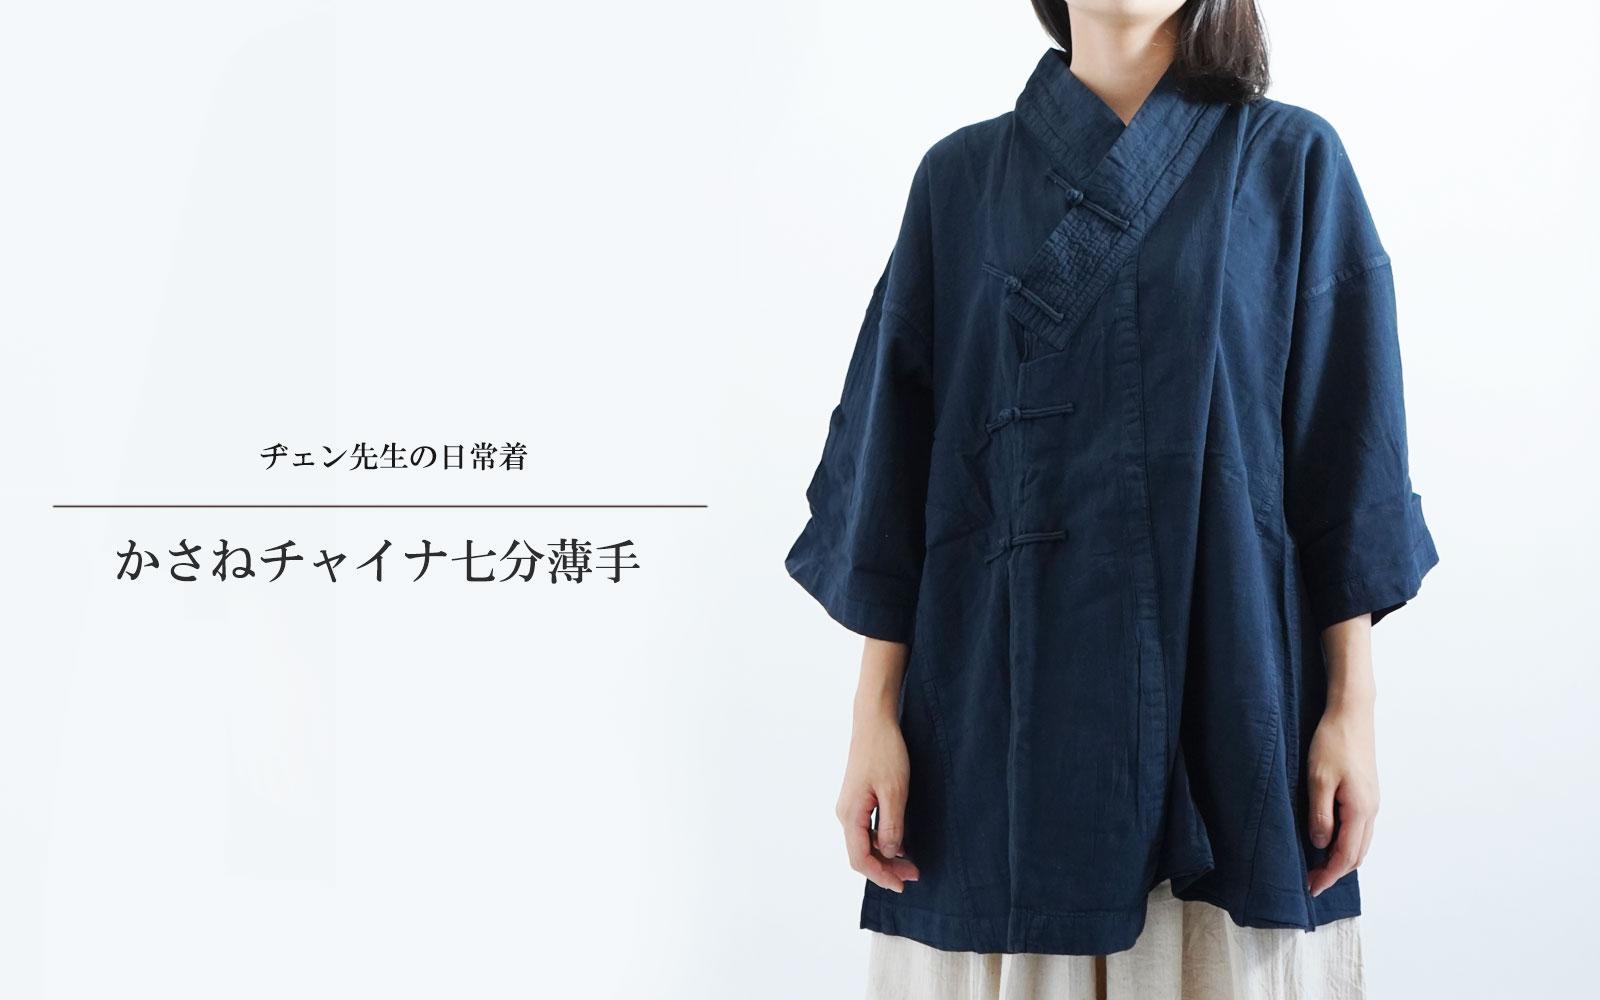 ヂェン先生の日常着 かさねチャイナ 七分袖 チャイナ